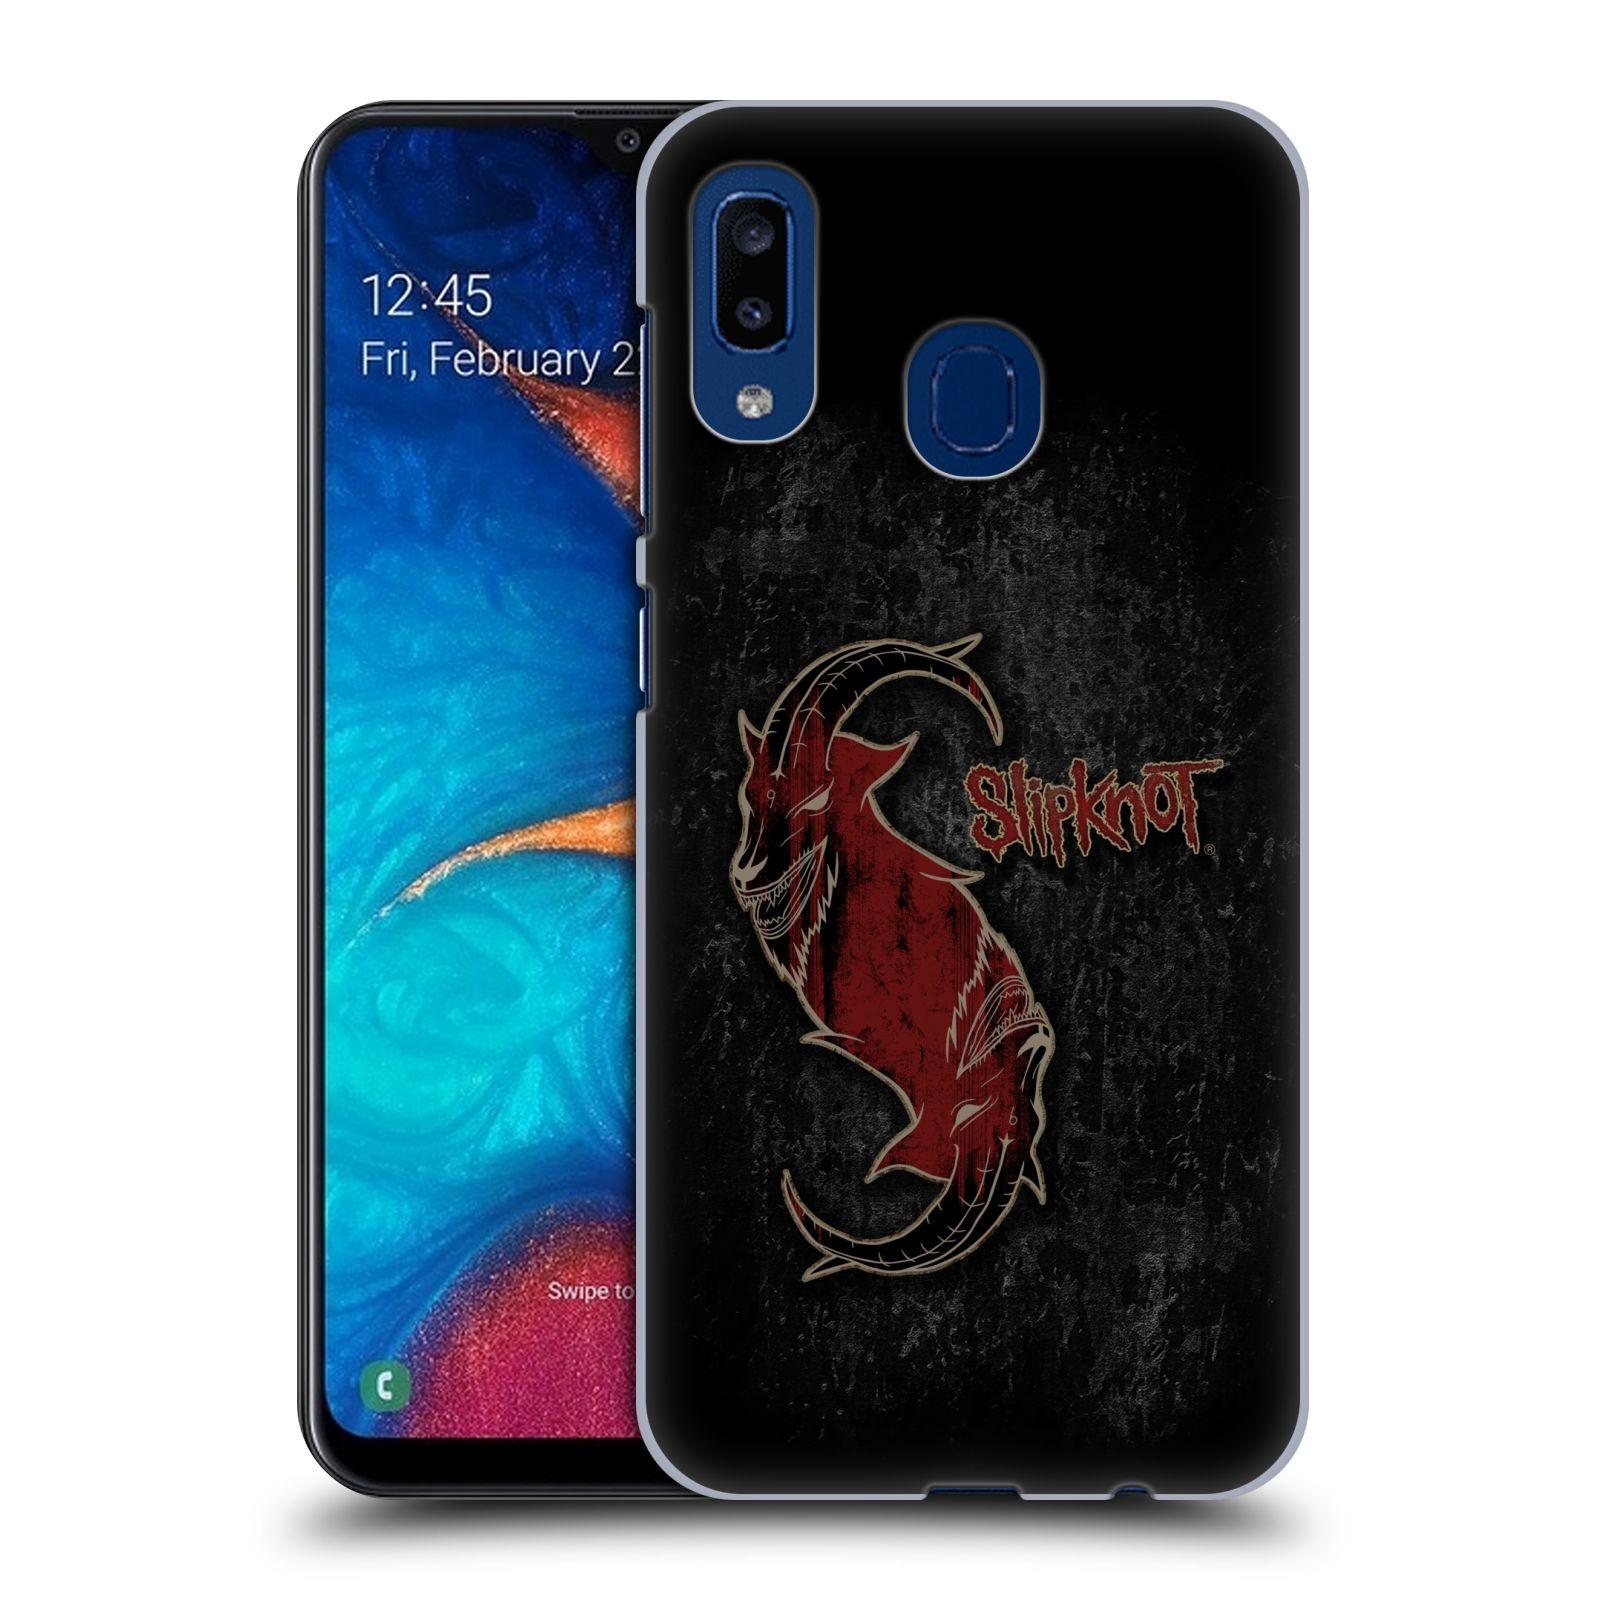 Plastové pouzdro na mobil Samsung Galaxy A20 - Head Case - Slipknot - Rudý kozel